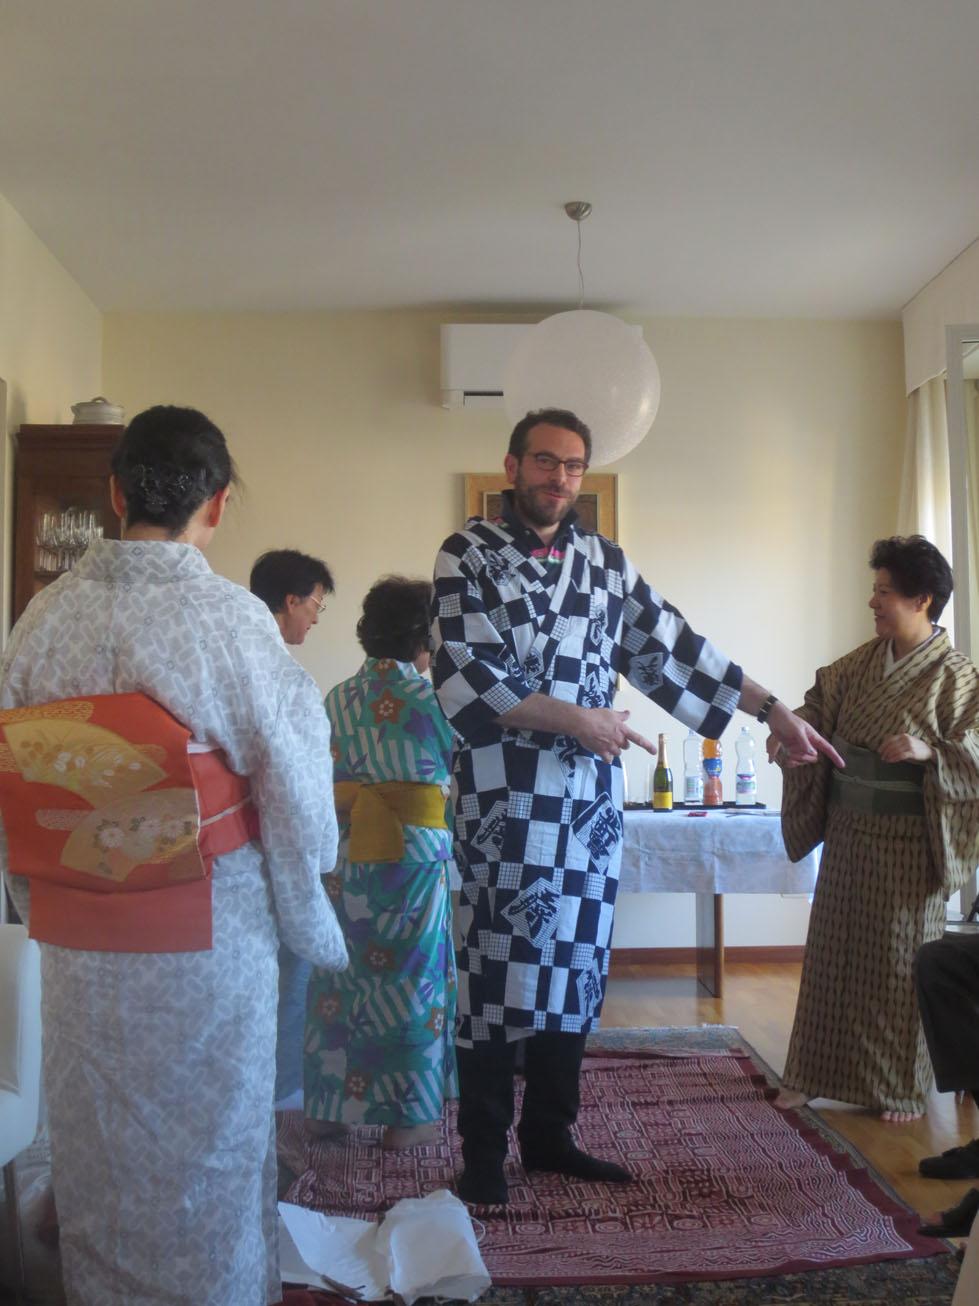 イタリア人も興味あるある〜〜!!日本文化お家フェスター着物を着る編_c0179785_1549321.jpg